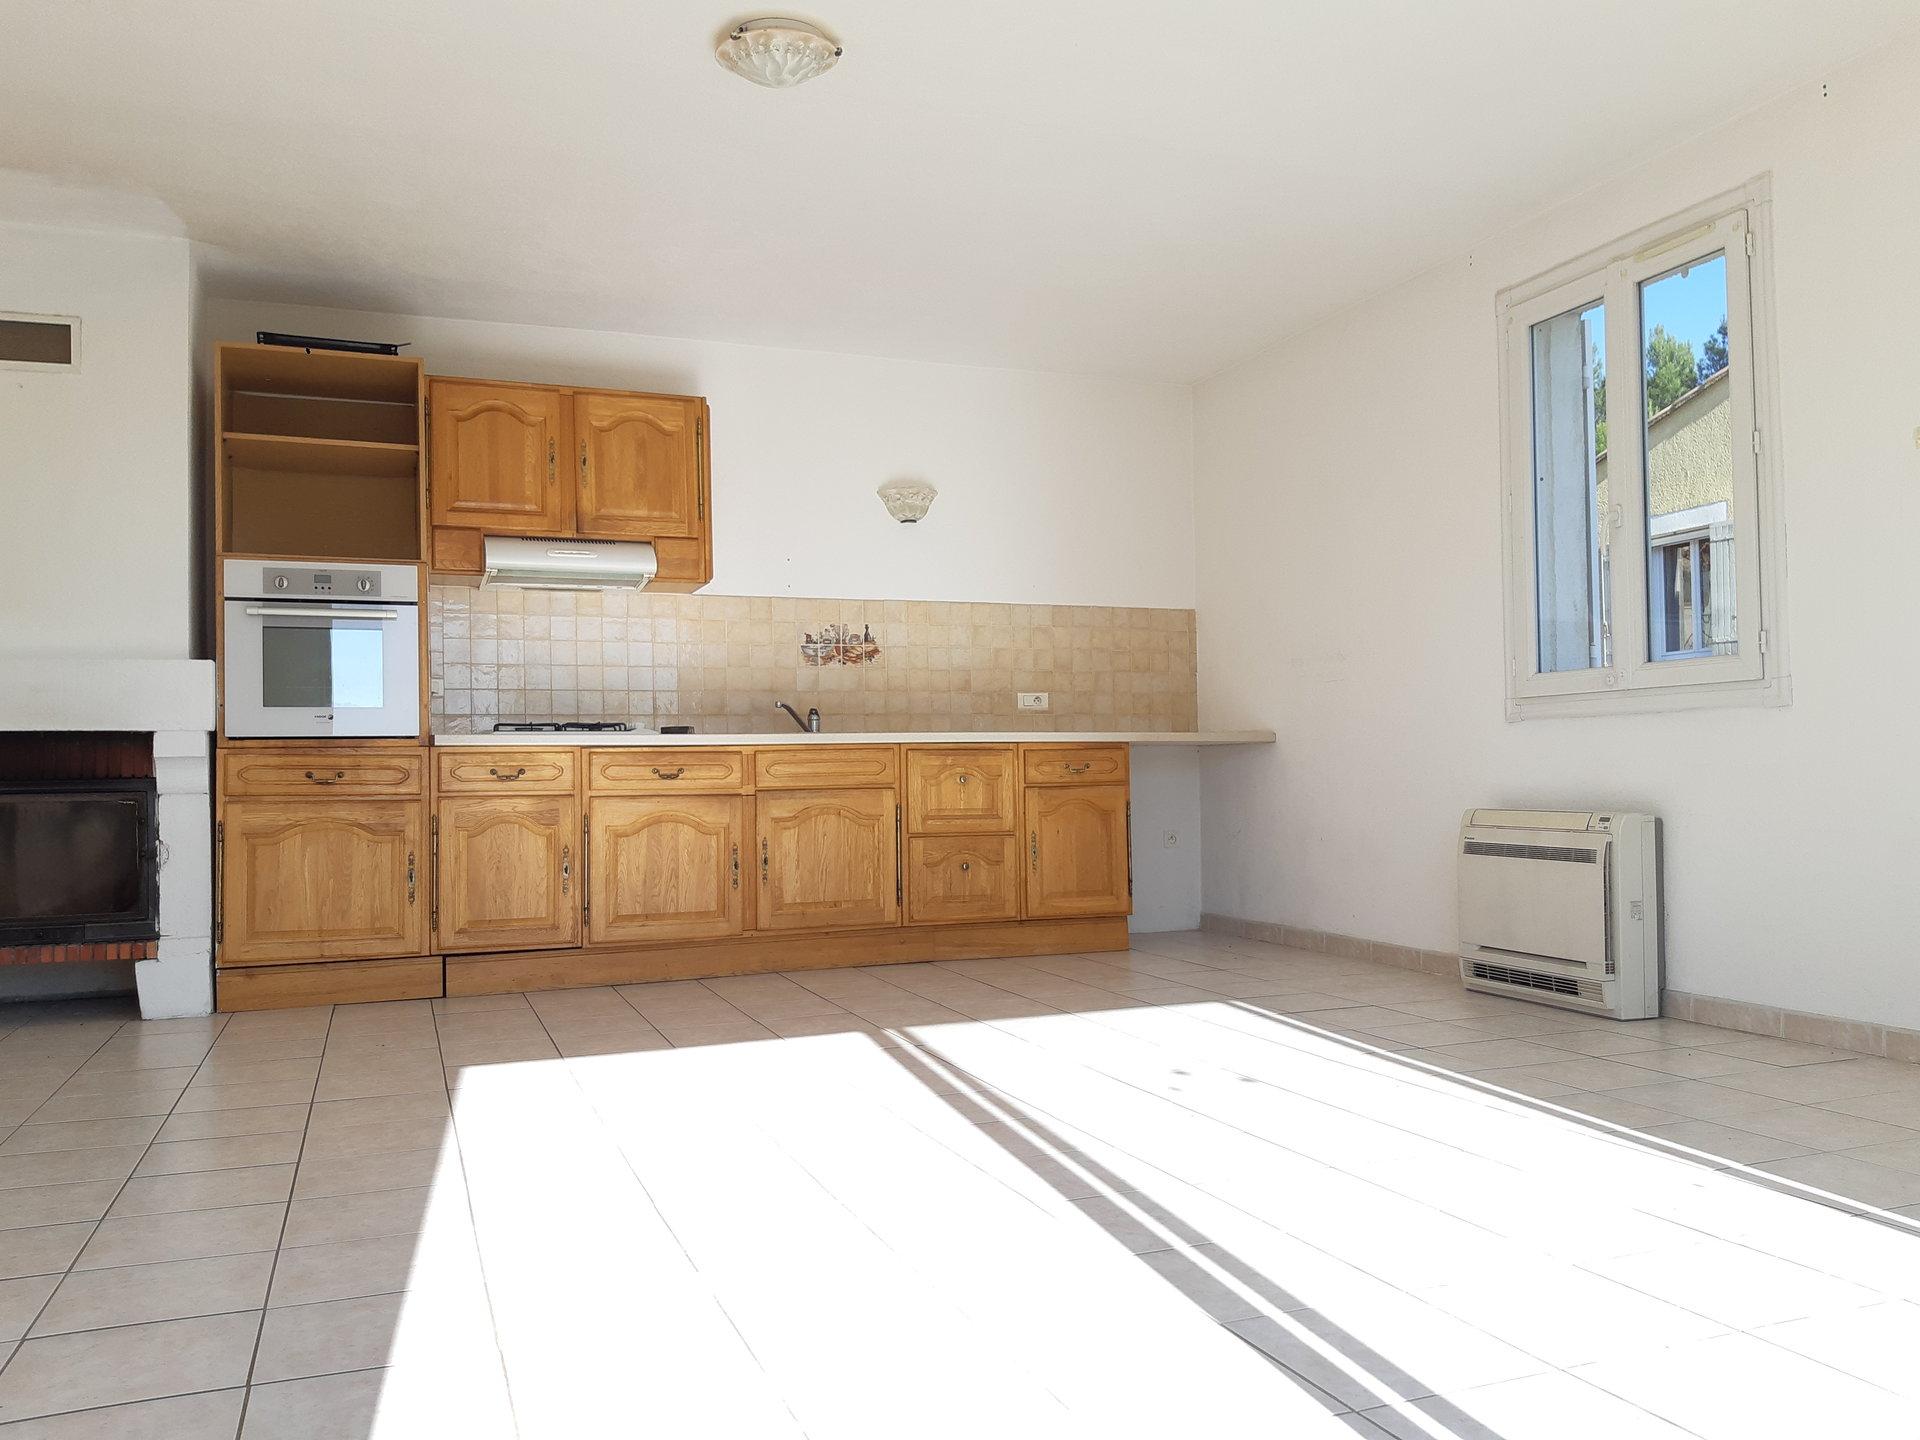 Location Maison PARADOU surface habitable de 100 m²